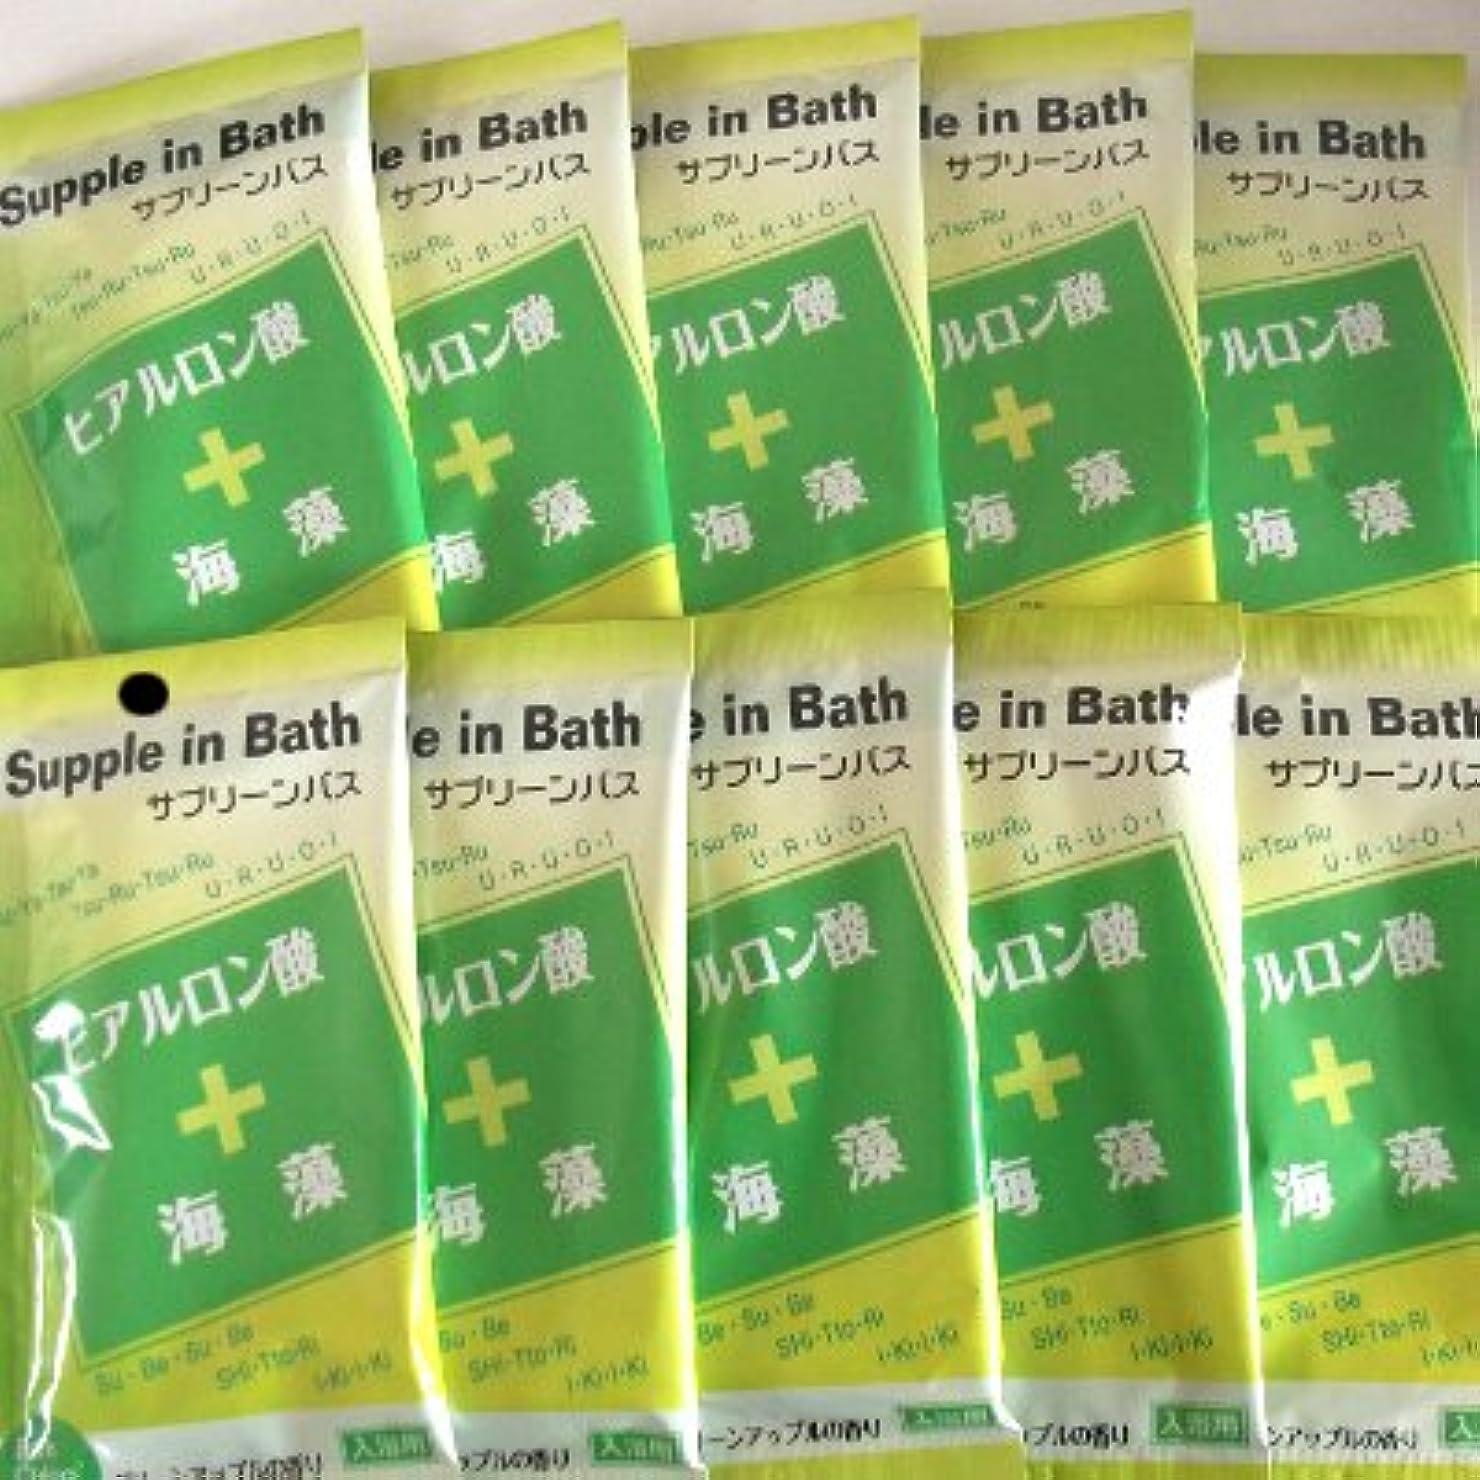 解き明かす送金たくさんサプリーンバス ヒアルロン酸+海藻 10包セット